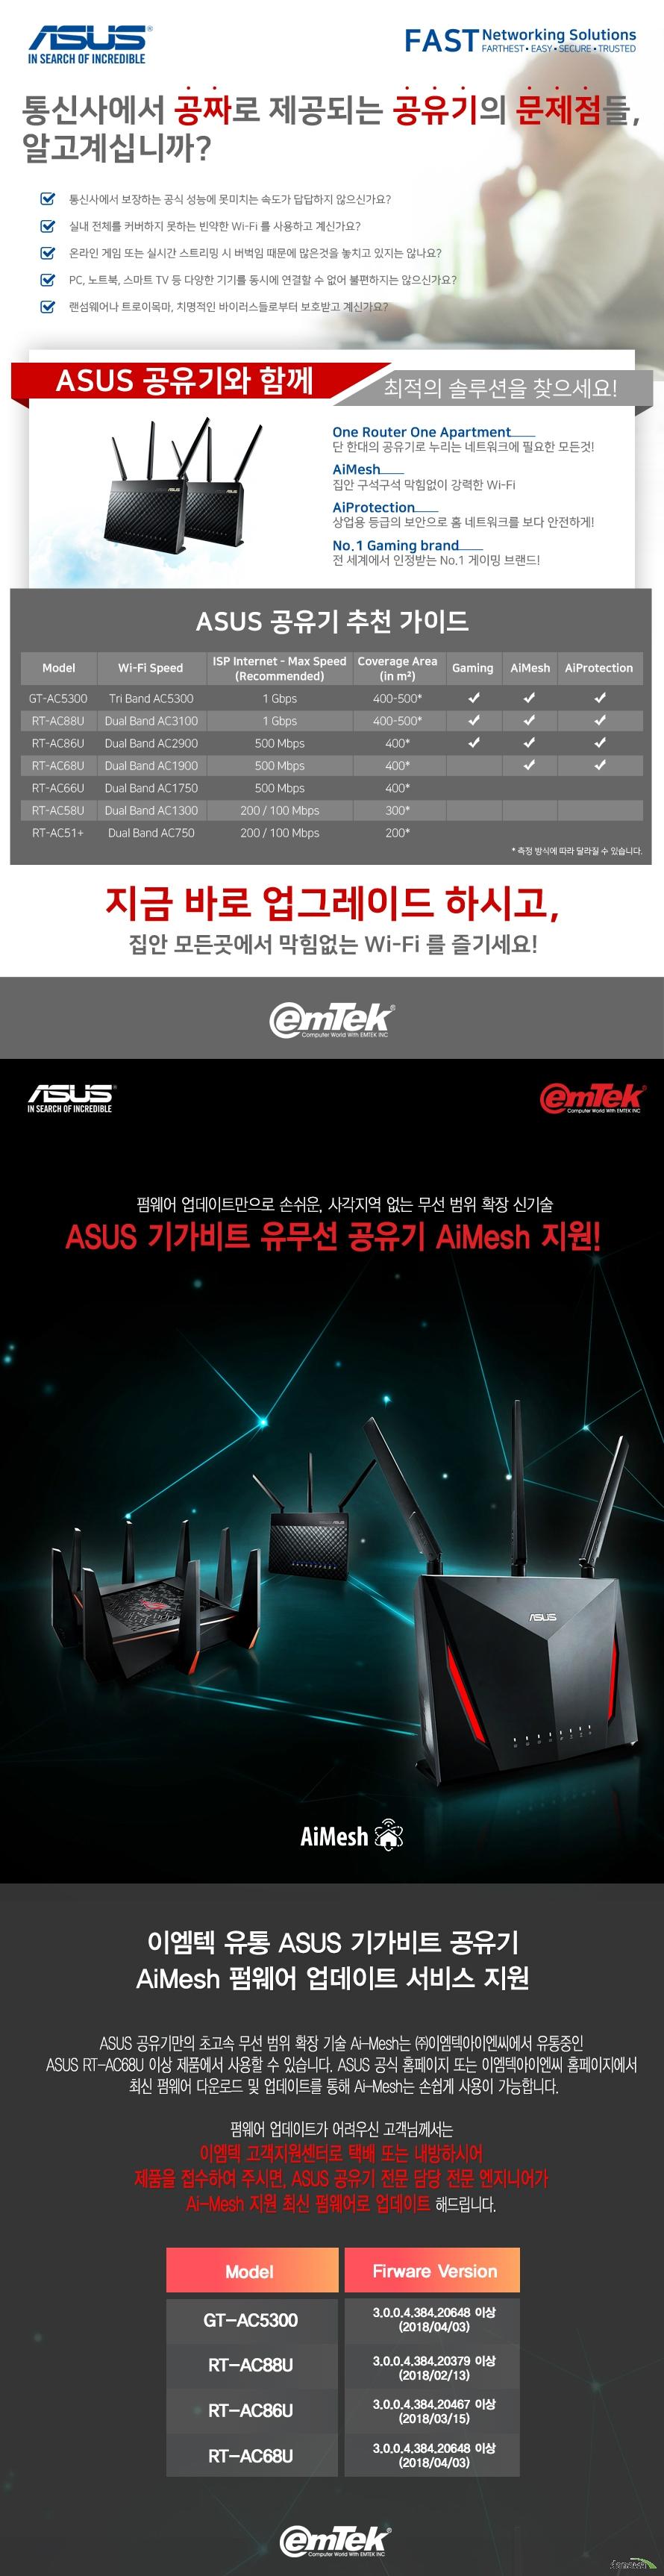 ASUS Lyra Trio AC1750 MESH WI-FI ROUTER 3PACK  제품 상세 정보  네트워크 표준 IEEE 802.11A B G N AC 지원  제품 세그먼트 AC1750 최대 성능 450+1300MBPS 커버리지 LARGE HOMES 데이터 레이트   802.11N UP TO 450MBPS 802.11AC UP TO 1300 MBPS  내부 안테나 3개 지원 송수신 MIMO 기술  32MB 플래시 및 128MB 메모리  동작 주파수 2.4 및 5 GHZ  파워 서플라이 AC 인풋 100볼트에서 240볼트까지 50에서 60헤르츠 DC 아웃풋 최대 12볼트 1.5 암페어 지원 운영체제 윈도우 10 / 8.1 / 8 / 7 지원 맥 os x 10.1 부터 10.12 지원 리눅스 지원 크기 길이 135.1밀리미터 넓이 123.2밀리미터 높이 77.9밀리미터 제품 무게 198.9그램 KC 인증 R C MSQ AC1750